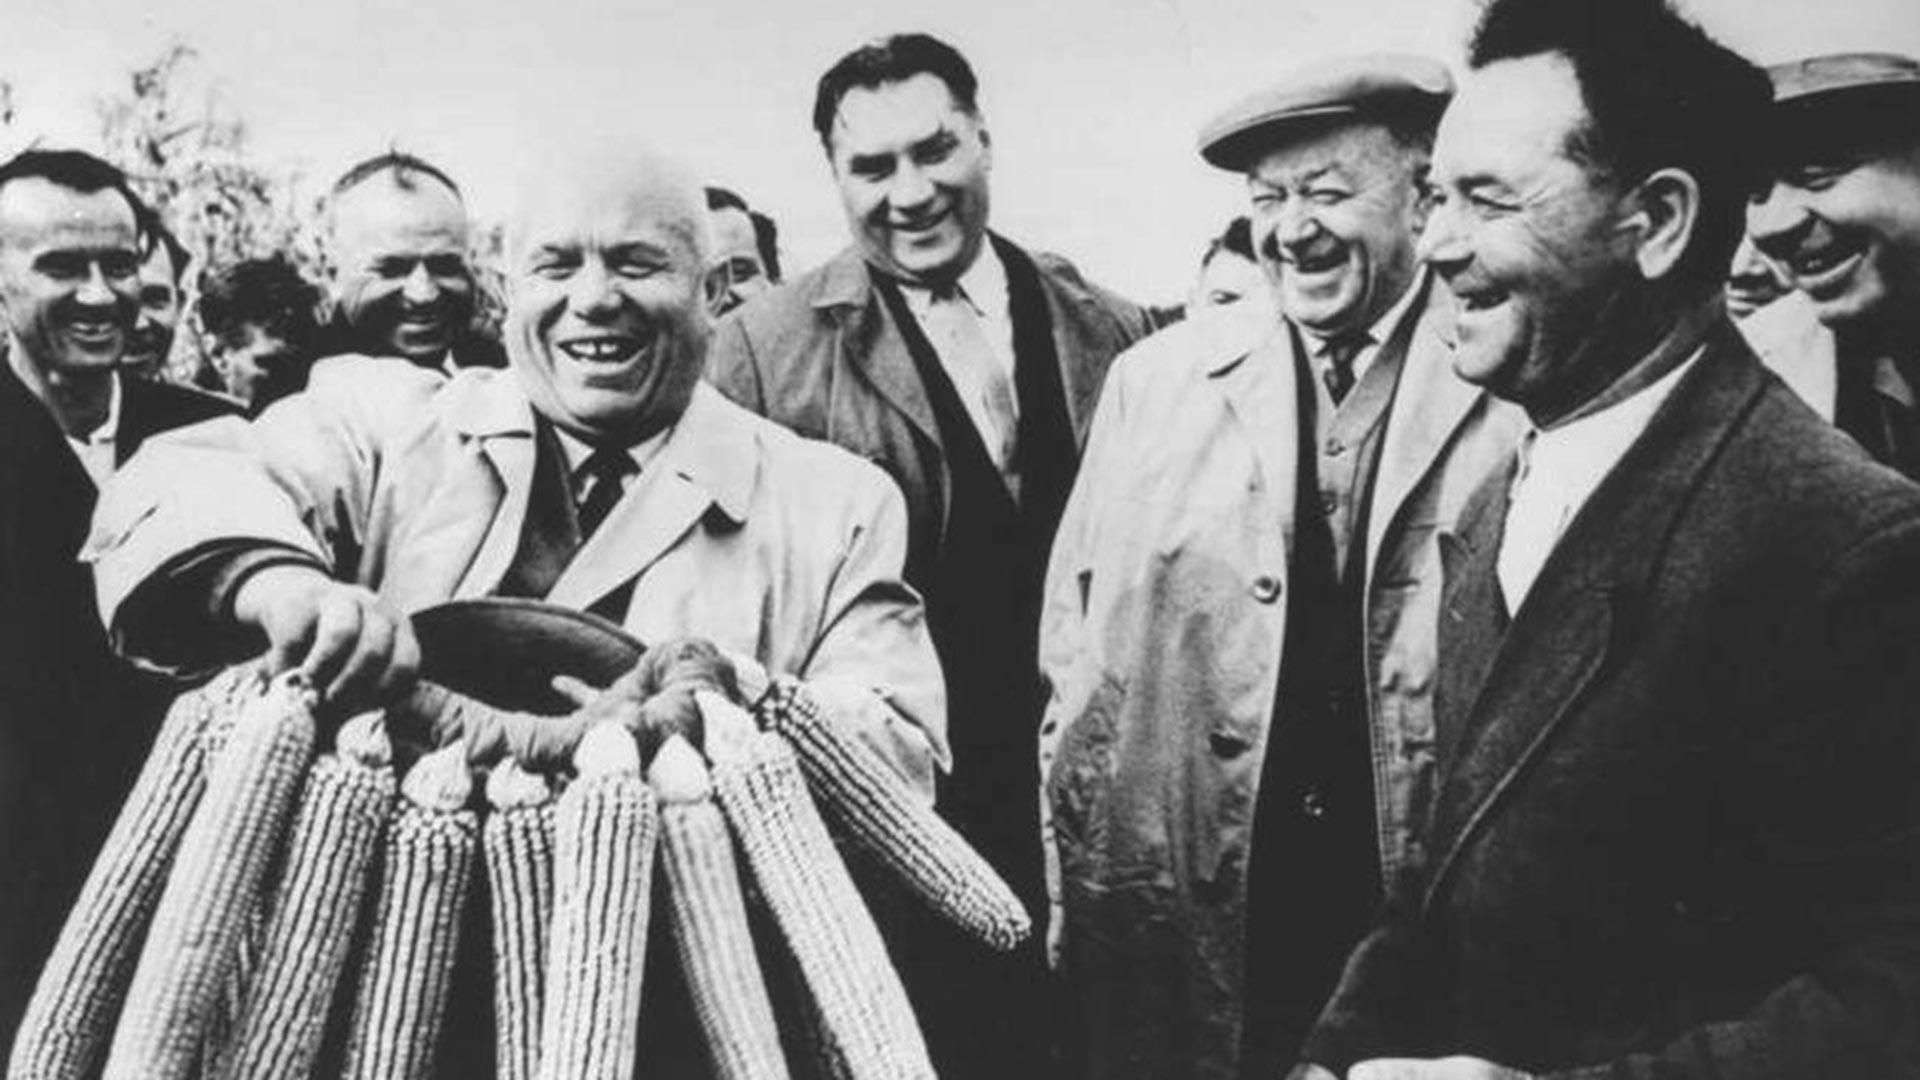 Prvi posjet Nikite Hriščova Sjedinjenim Američkim Državama.